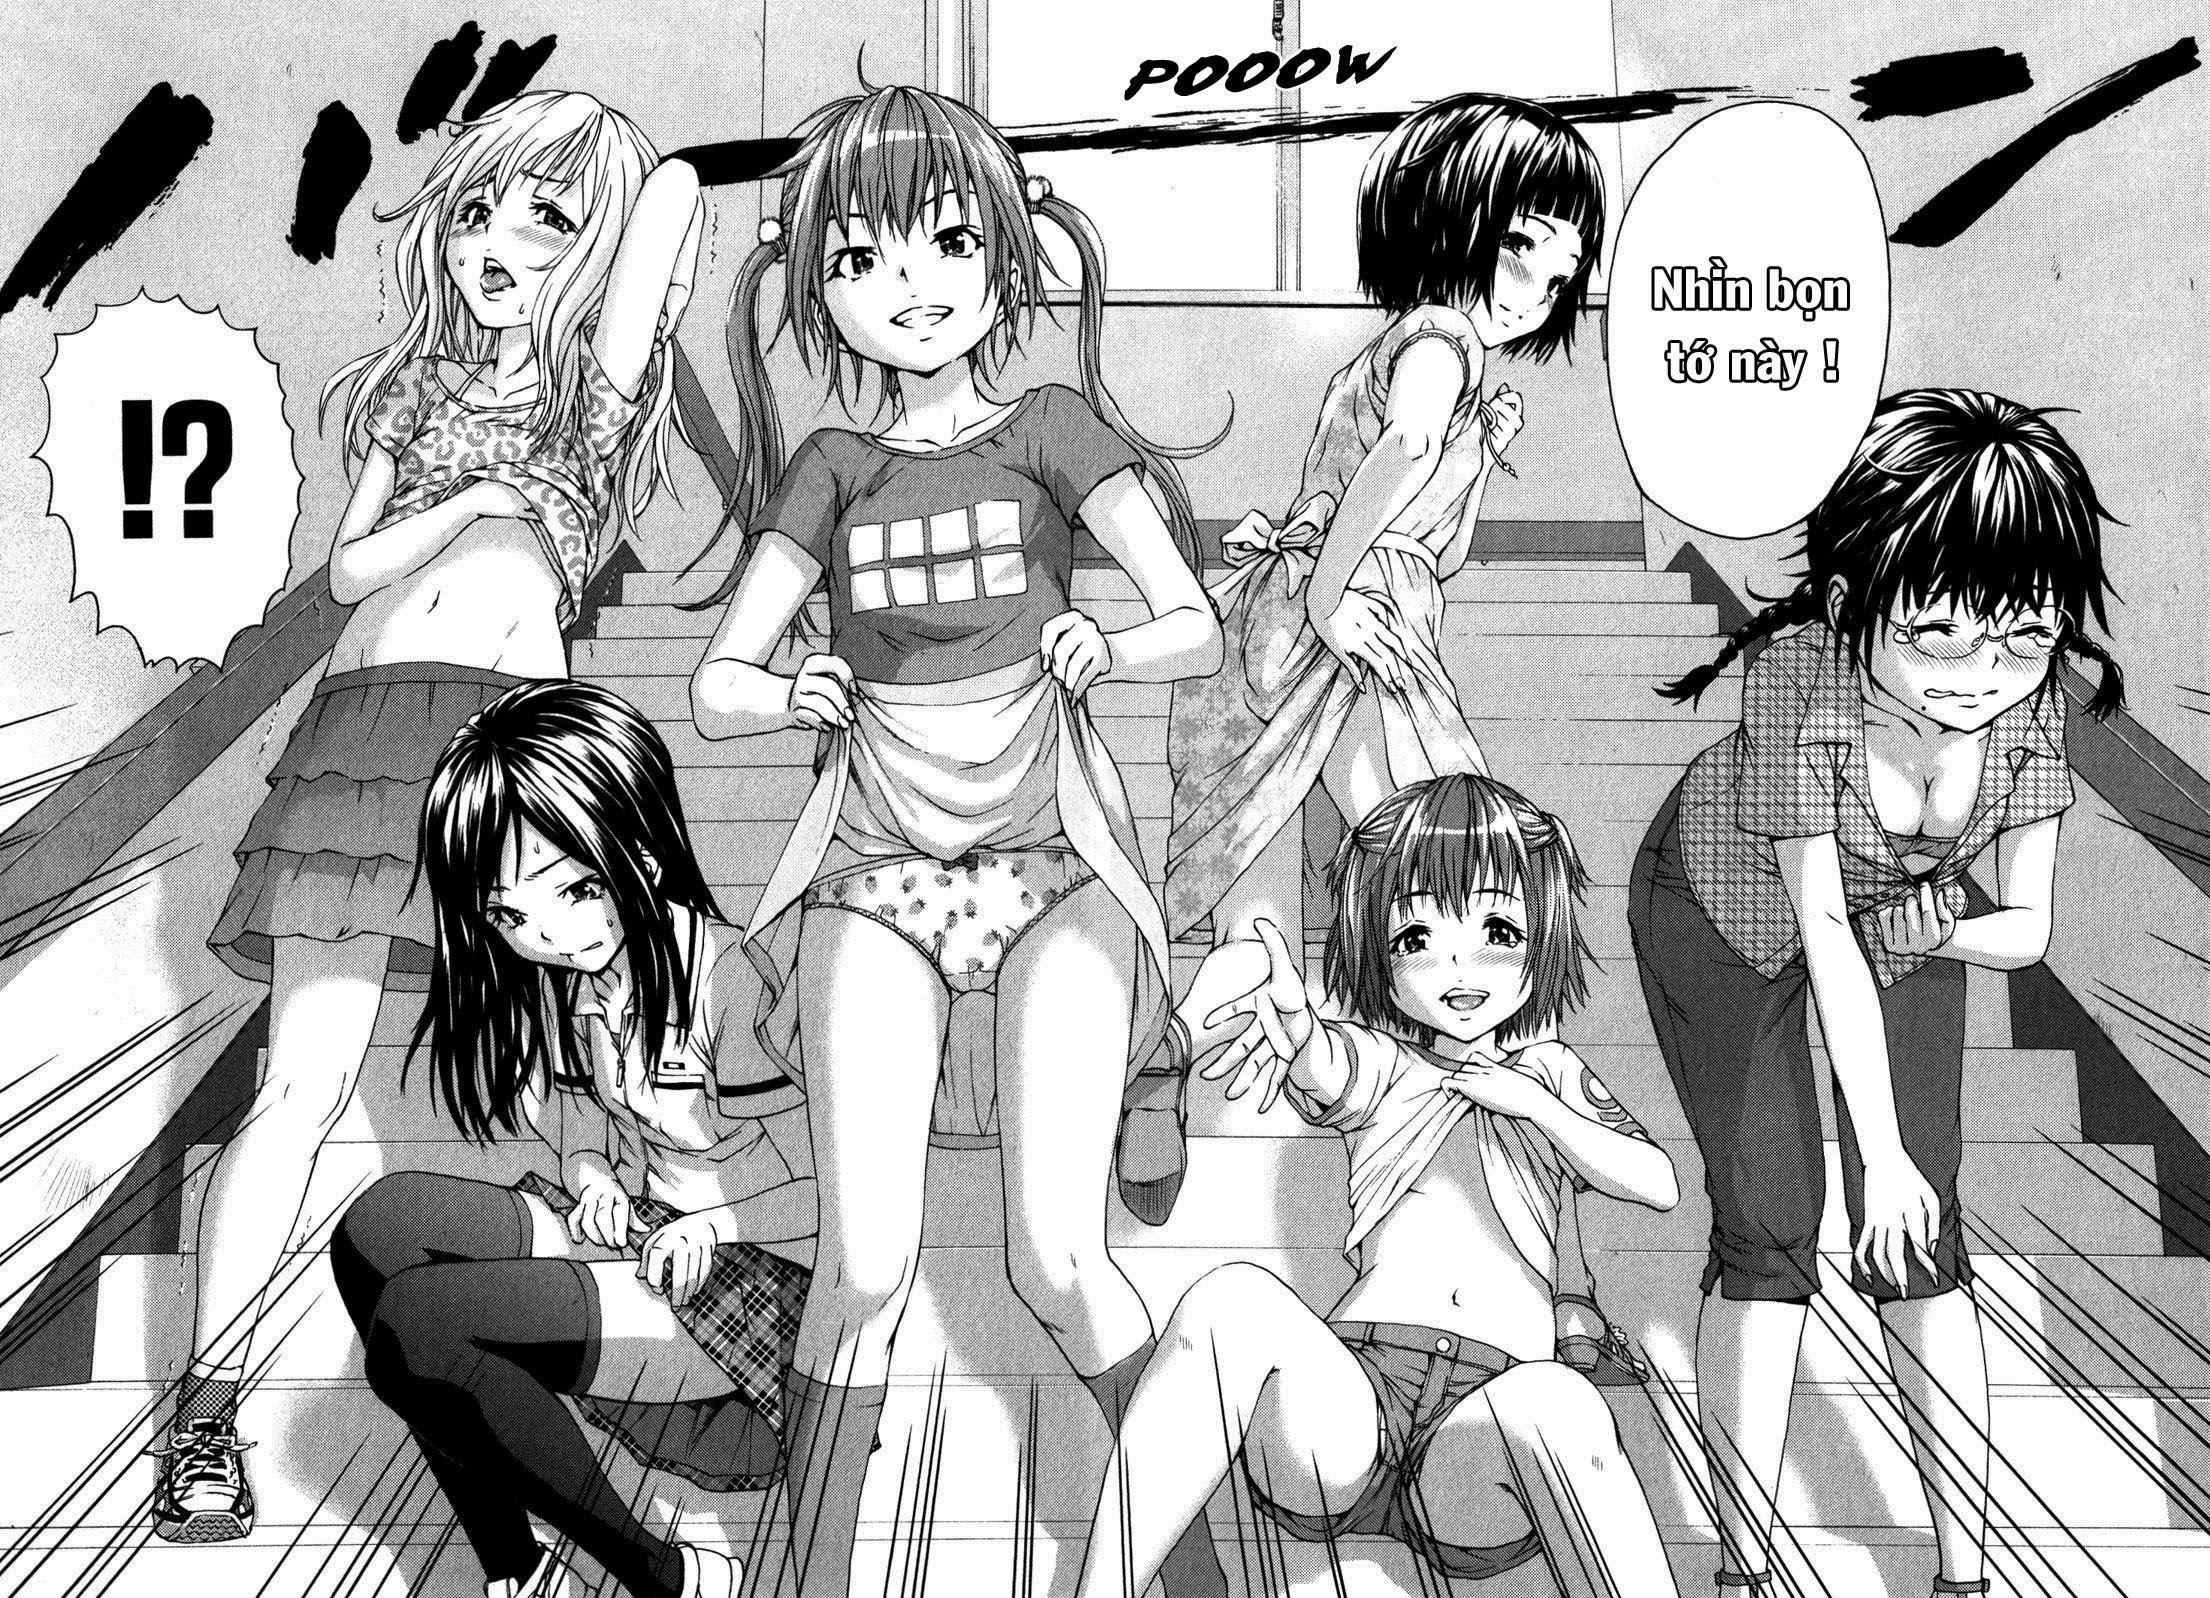 Hình ảnh 0013 in [Siêu phẩm] Mujaki no Rakuen Hentai Series